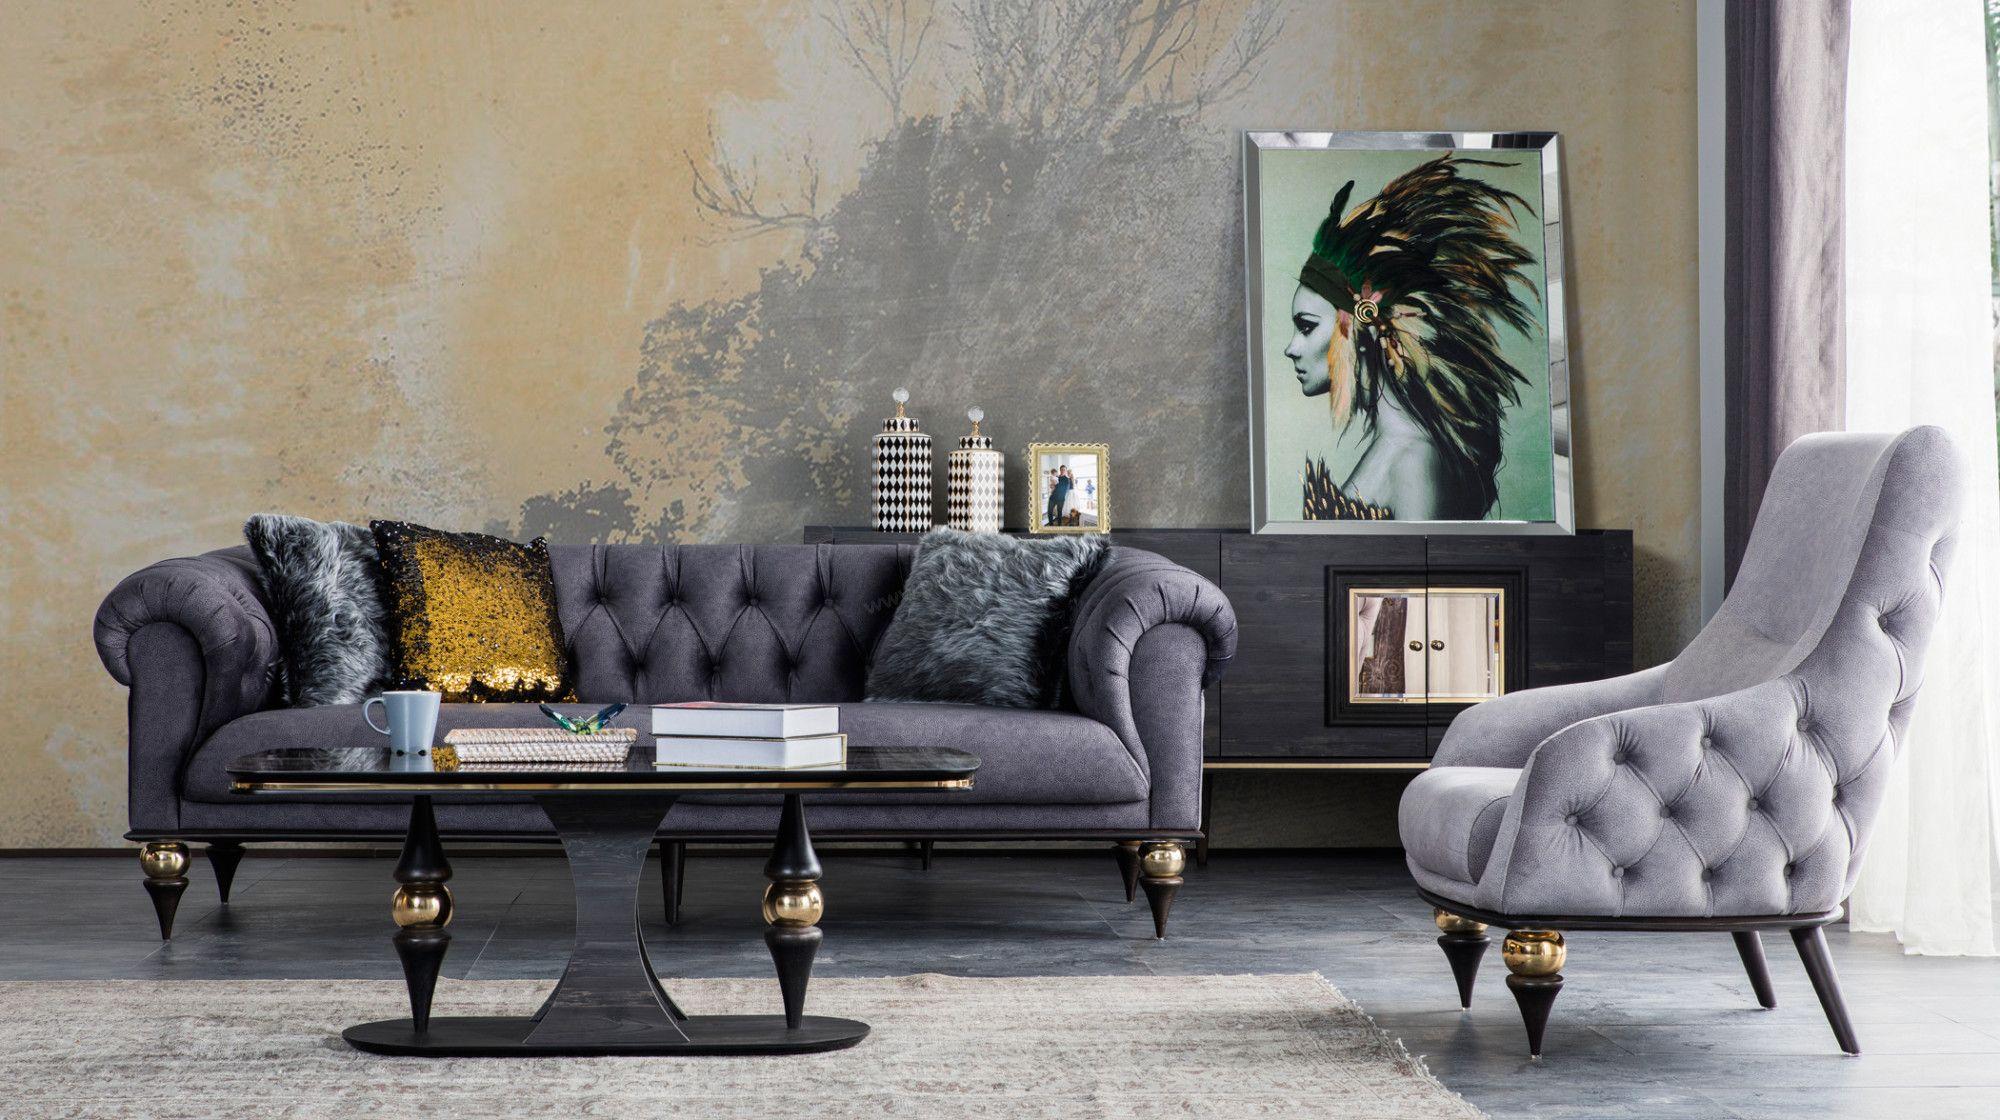 Zen Art Deco Koltuk Takimi Oturma Odasi Fikirleri Mobilya Tasarimi Oturma Odasi Tasarimlari